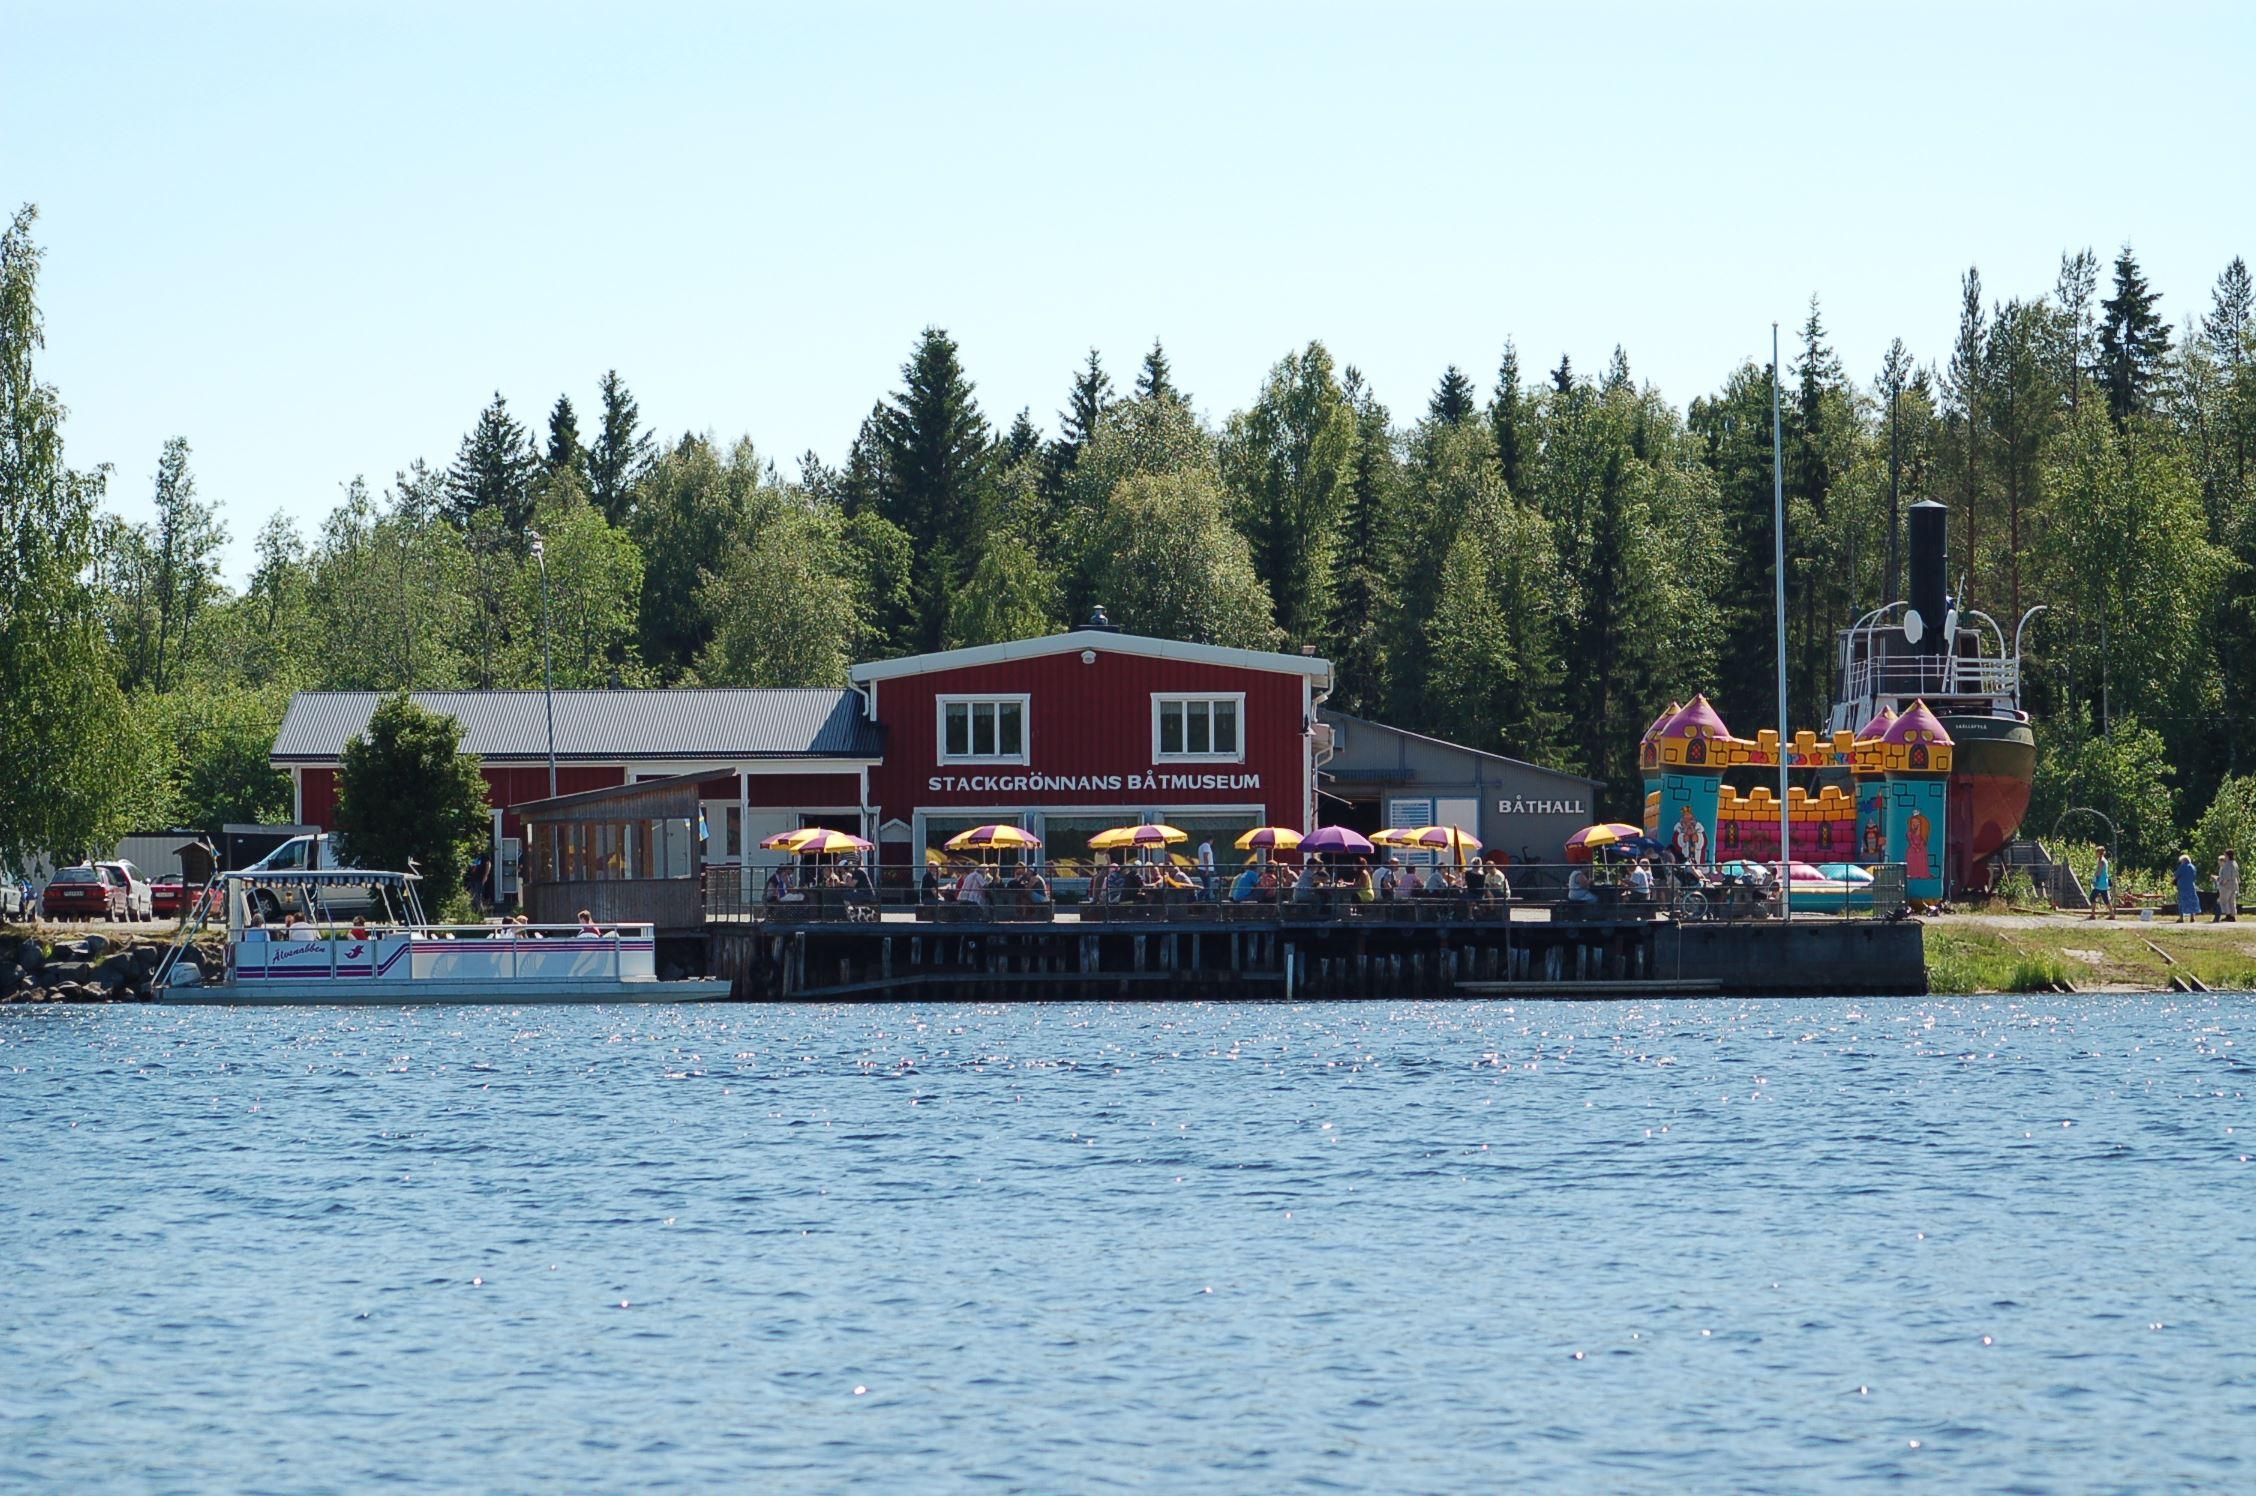 Stackgrönnans båtmuseum